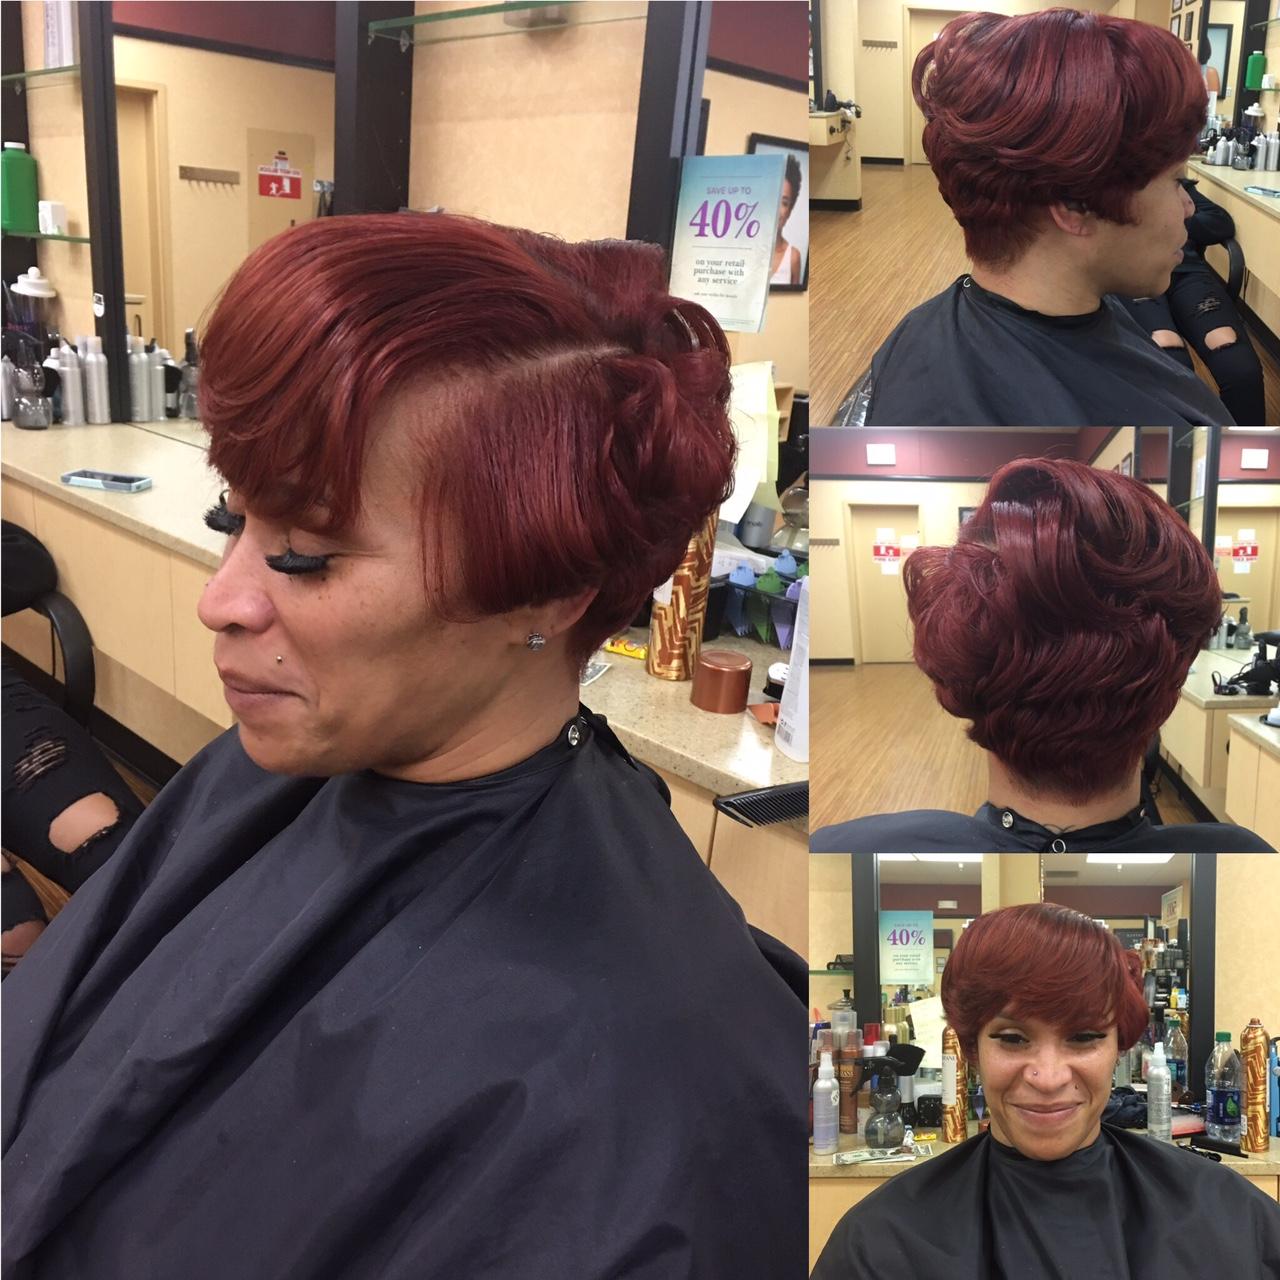 Hair Color, Cut & Style